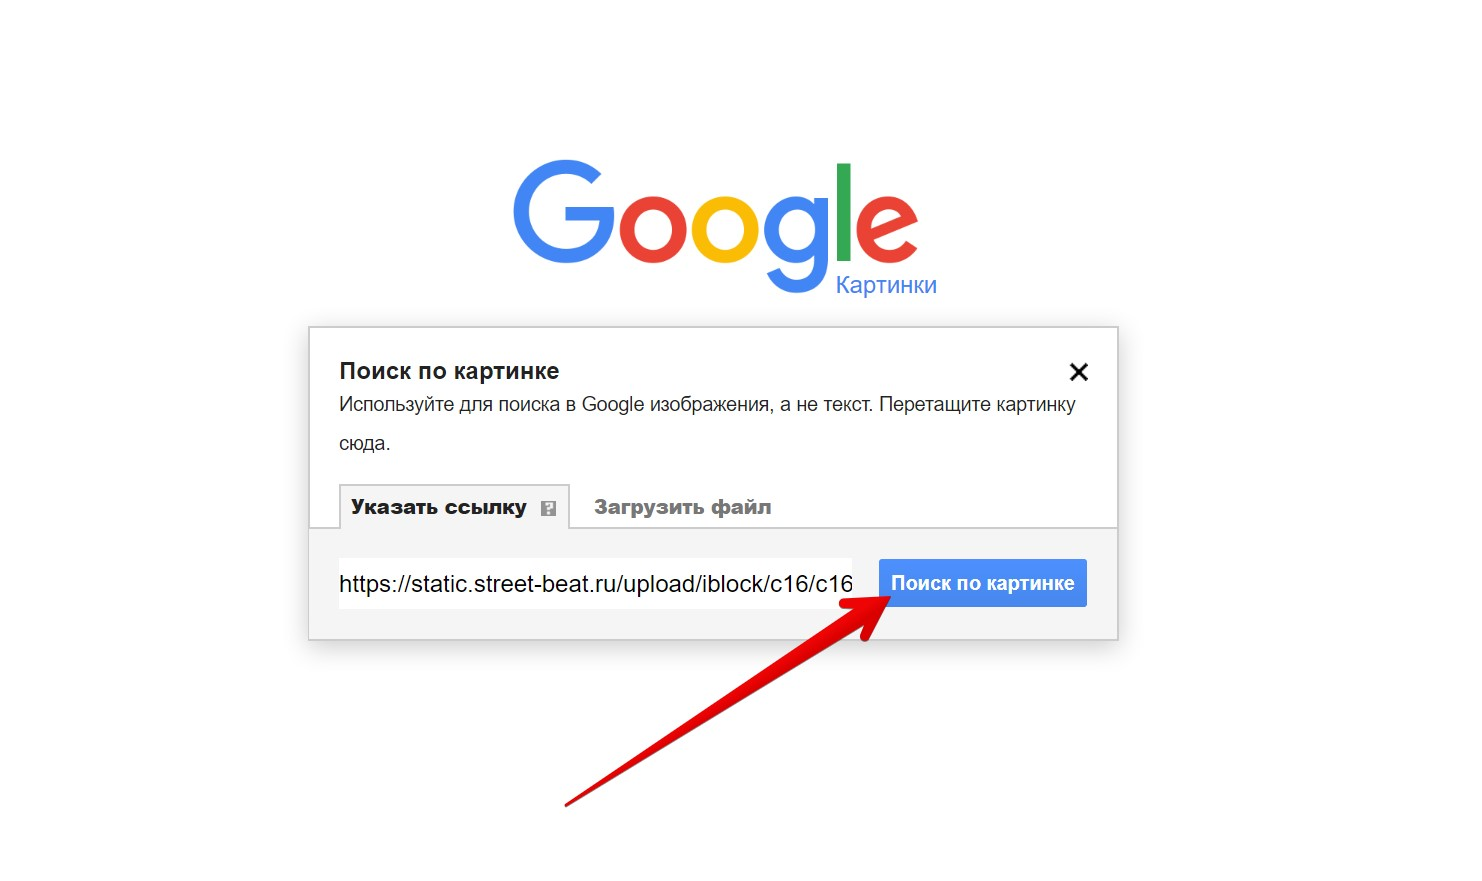 Как в гугл найти вещь по фото?